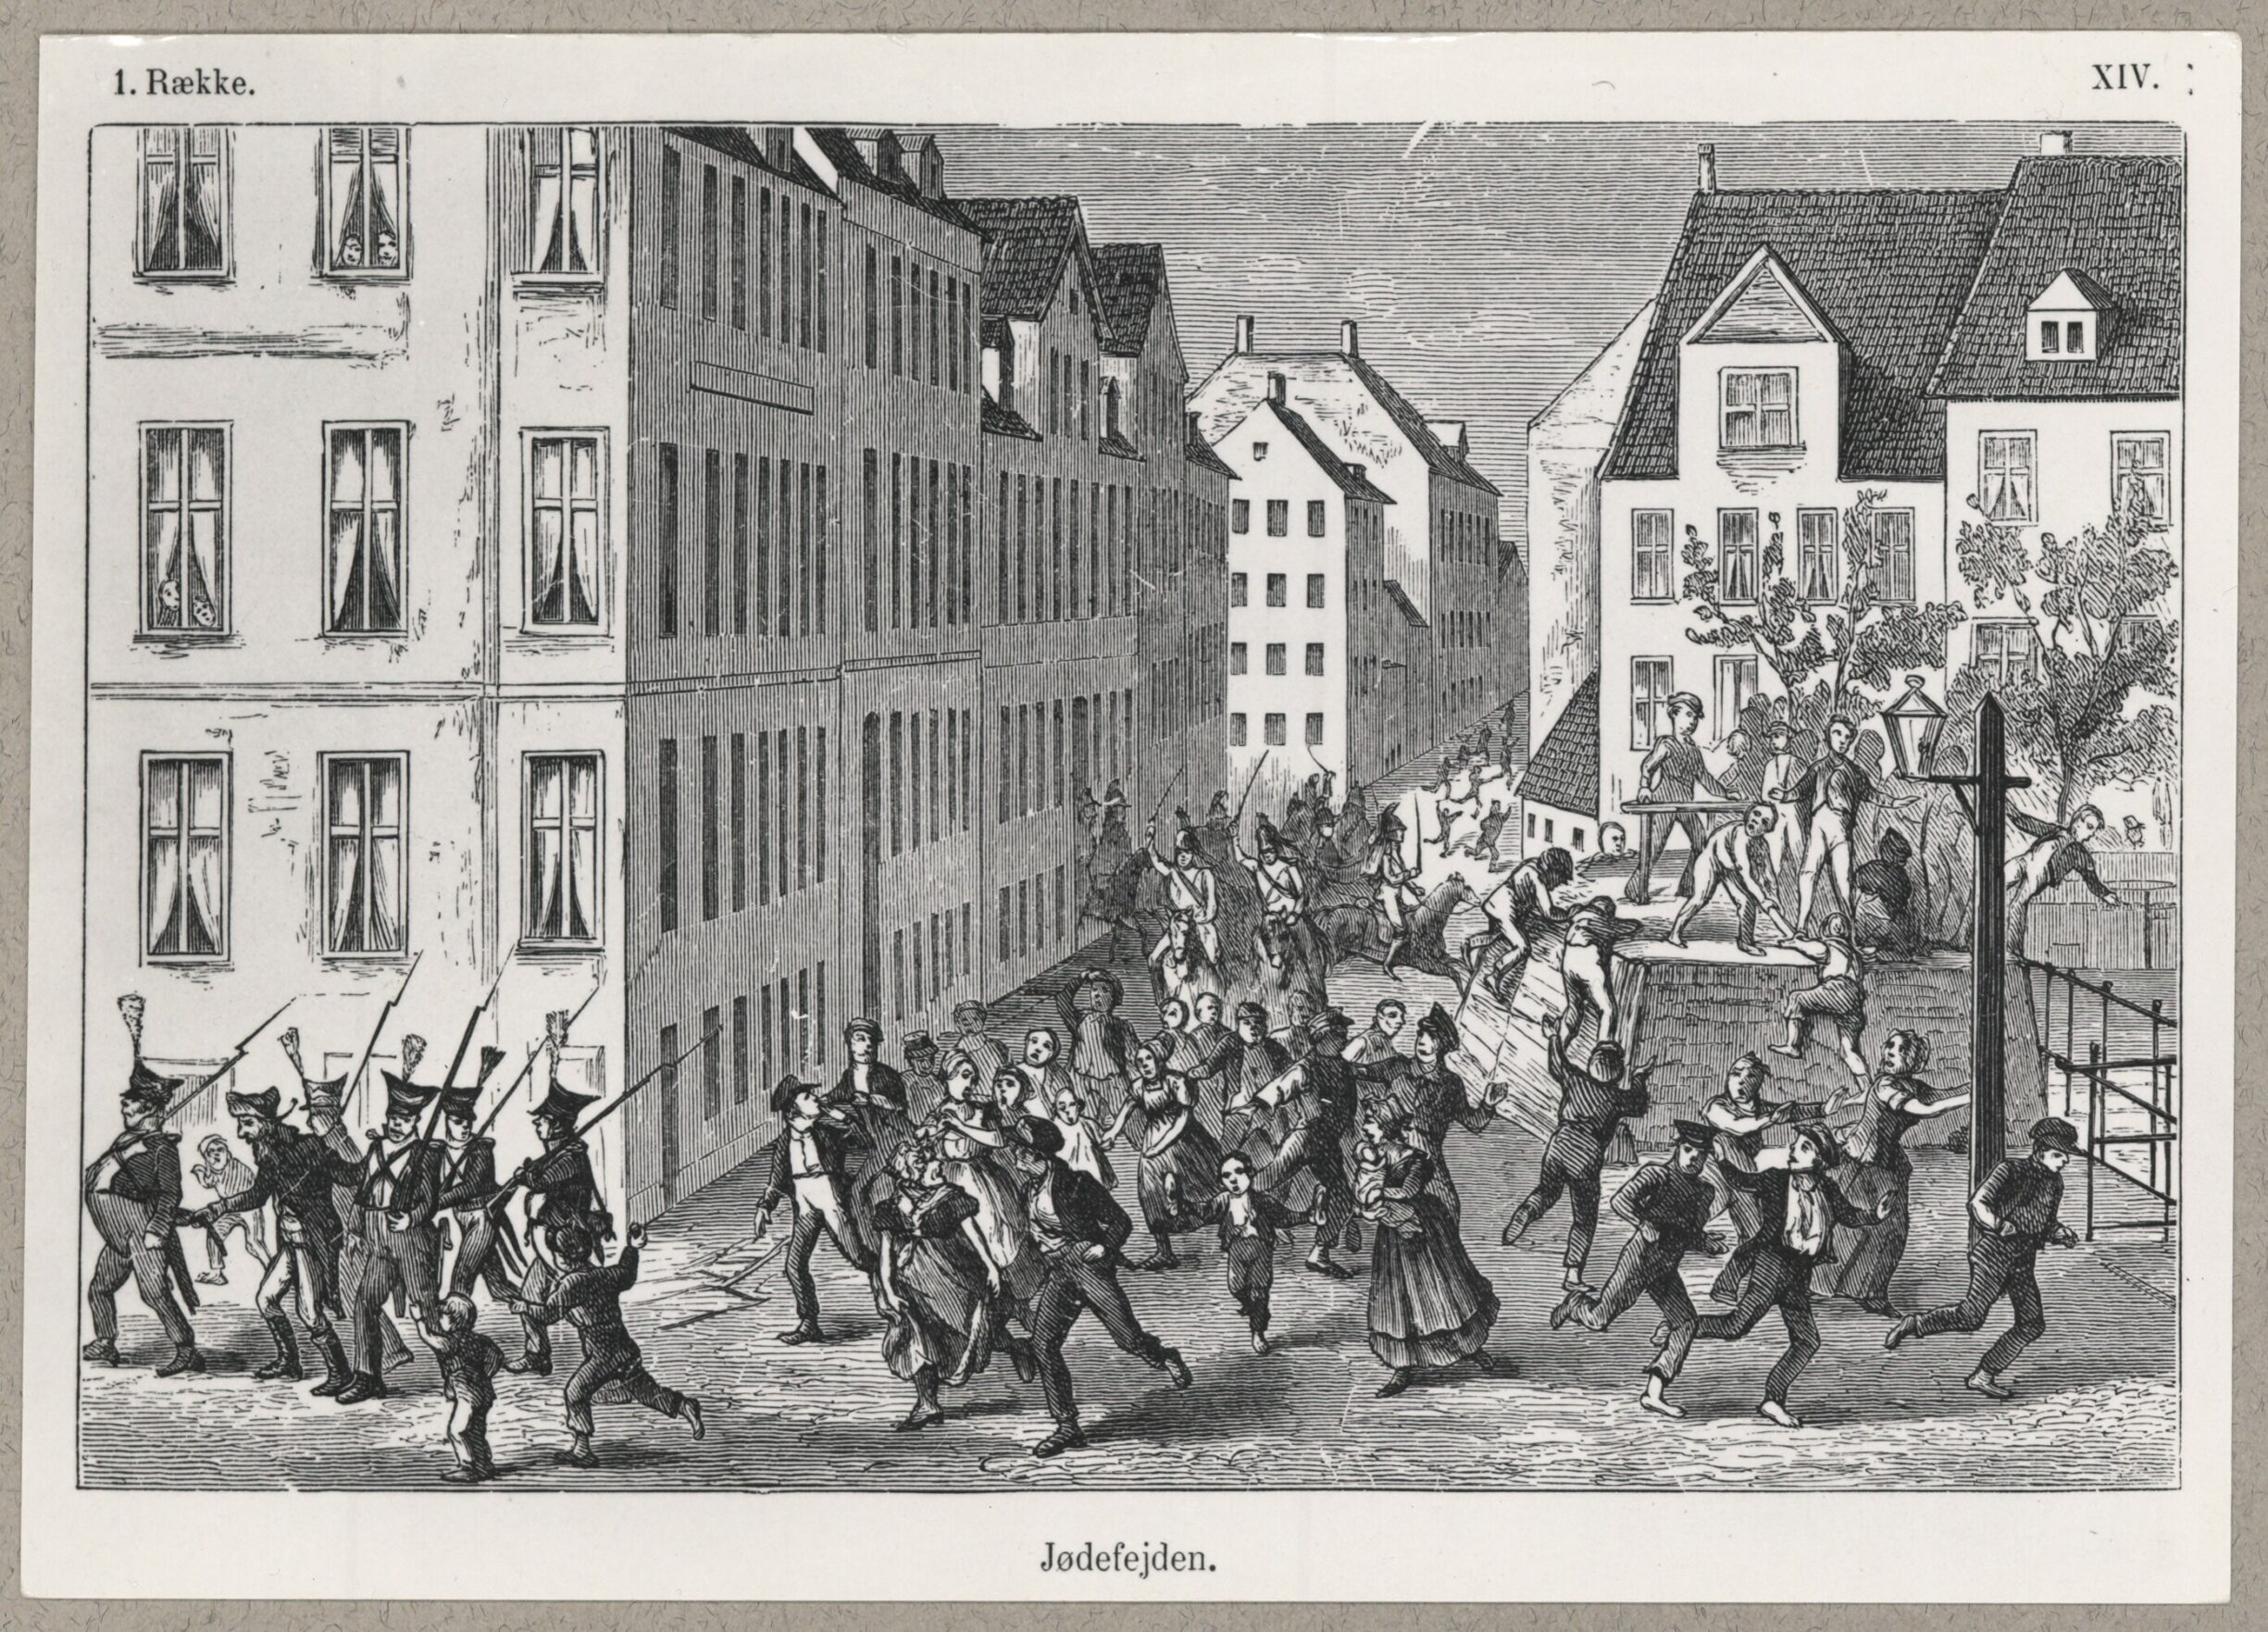 Jødefejden 1819 i København. Tegning af P. Klæstrup (1820-1882), tegner. (CC BY-NC-ND 4.0) Fra det kongelig Biblioteks Billedsamling.